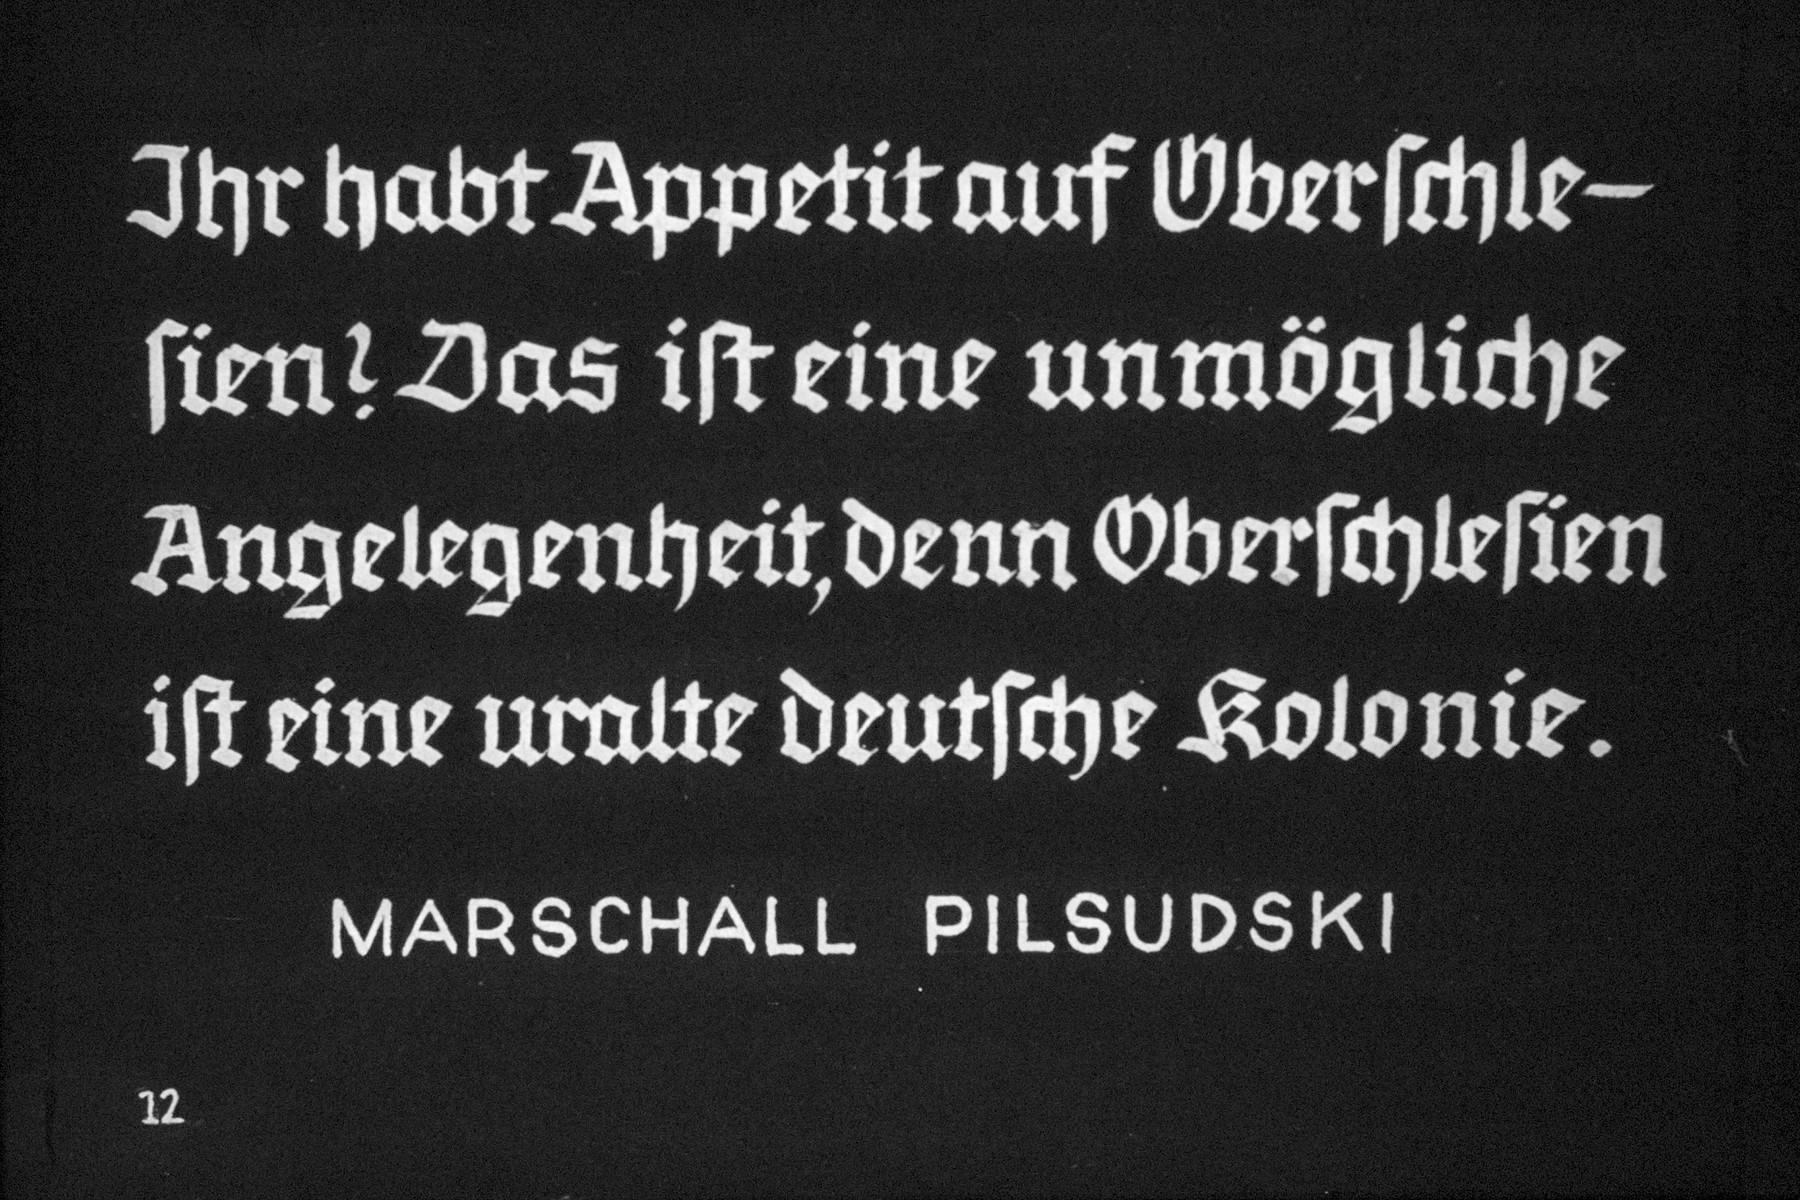 """13th Nazi propaganda slide from Hitler Youth educational material titled """"Border Land Upper Silesia.""""  Ihr habt Appetit auf Oberschlesien? Das ist eine unmögliche Angelegenheit, denn Oberschlesien ist eine uralte deutsche kolonie.  Marschall Pilsudski // You have an appetite for Upper Silesia? This is an impossible matter, for Upper Silesia is a very old German colony.  Marschall Pilsudski"""